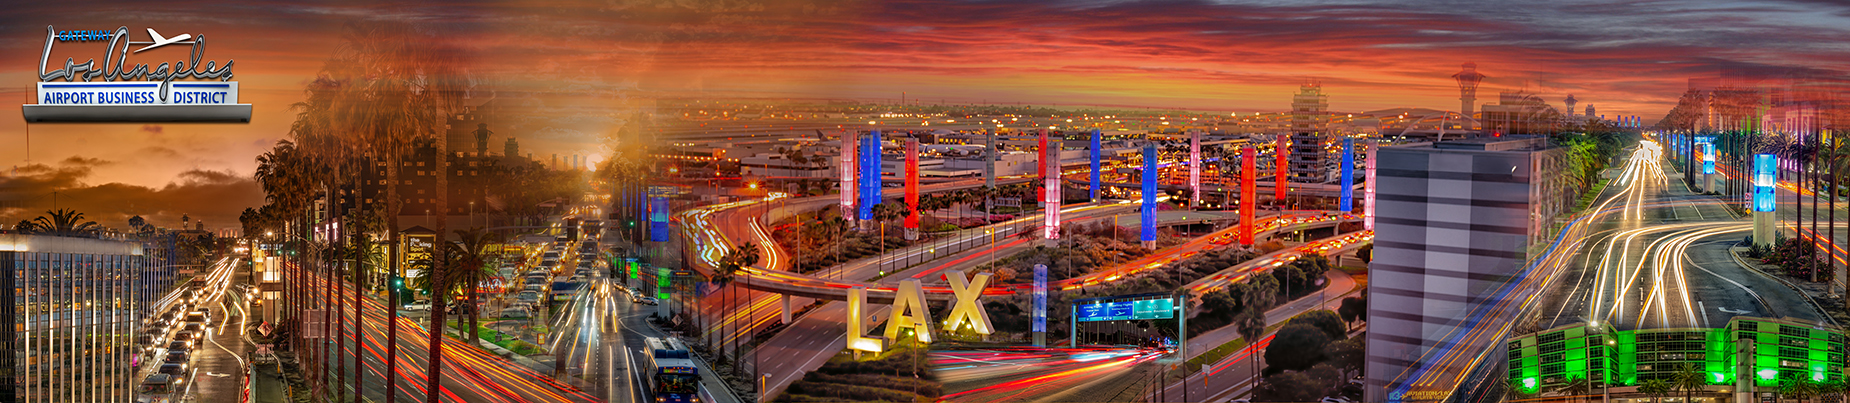 Gateway to LA_collage_final web.jpg